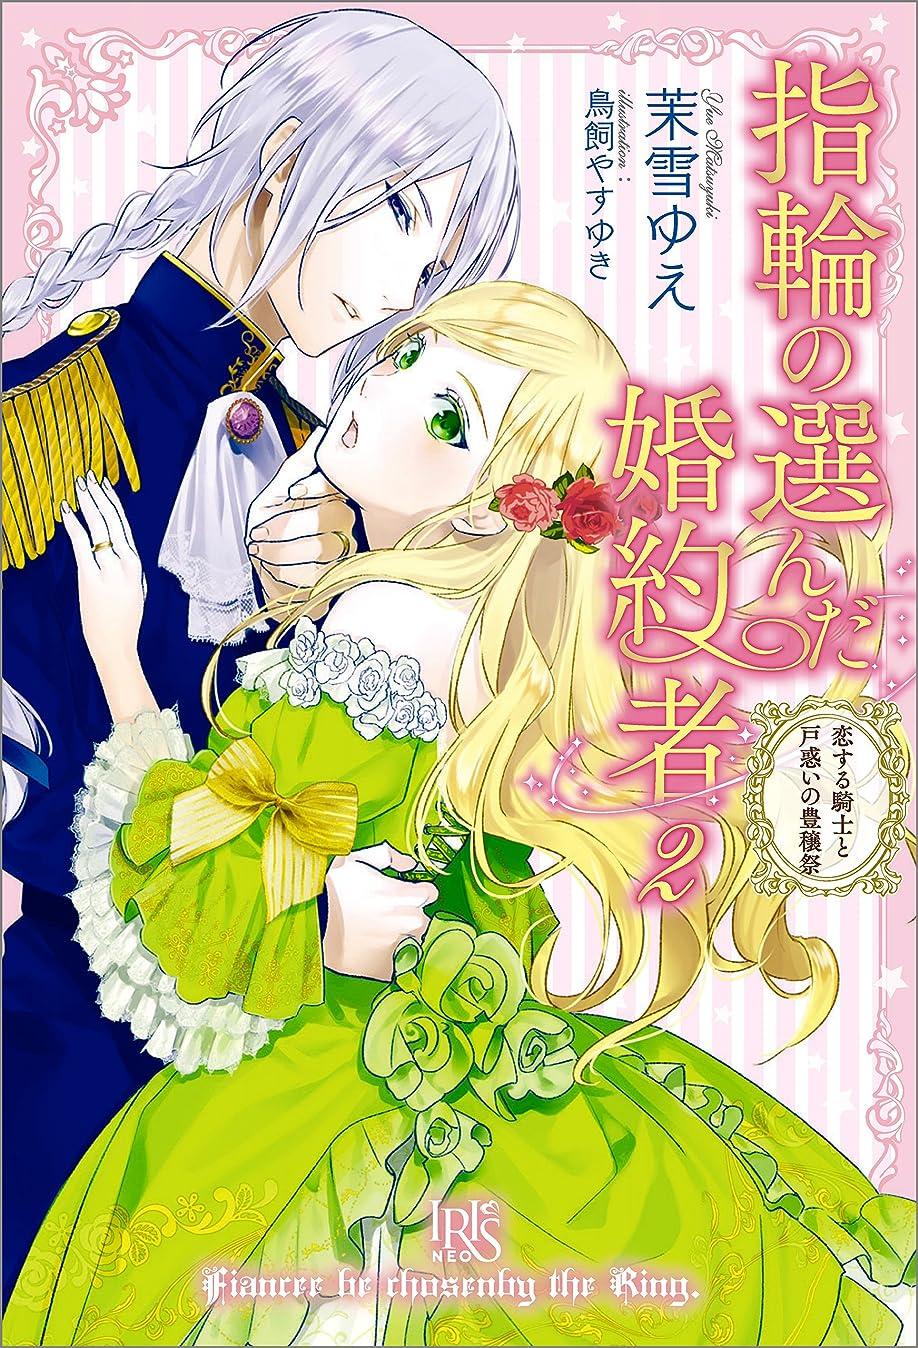 主流刑務所困惑した指輪の選んだ婚約者: 2 恋する騎士と戸惑いの豊穣祭 (アイリスNEO)